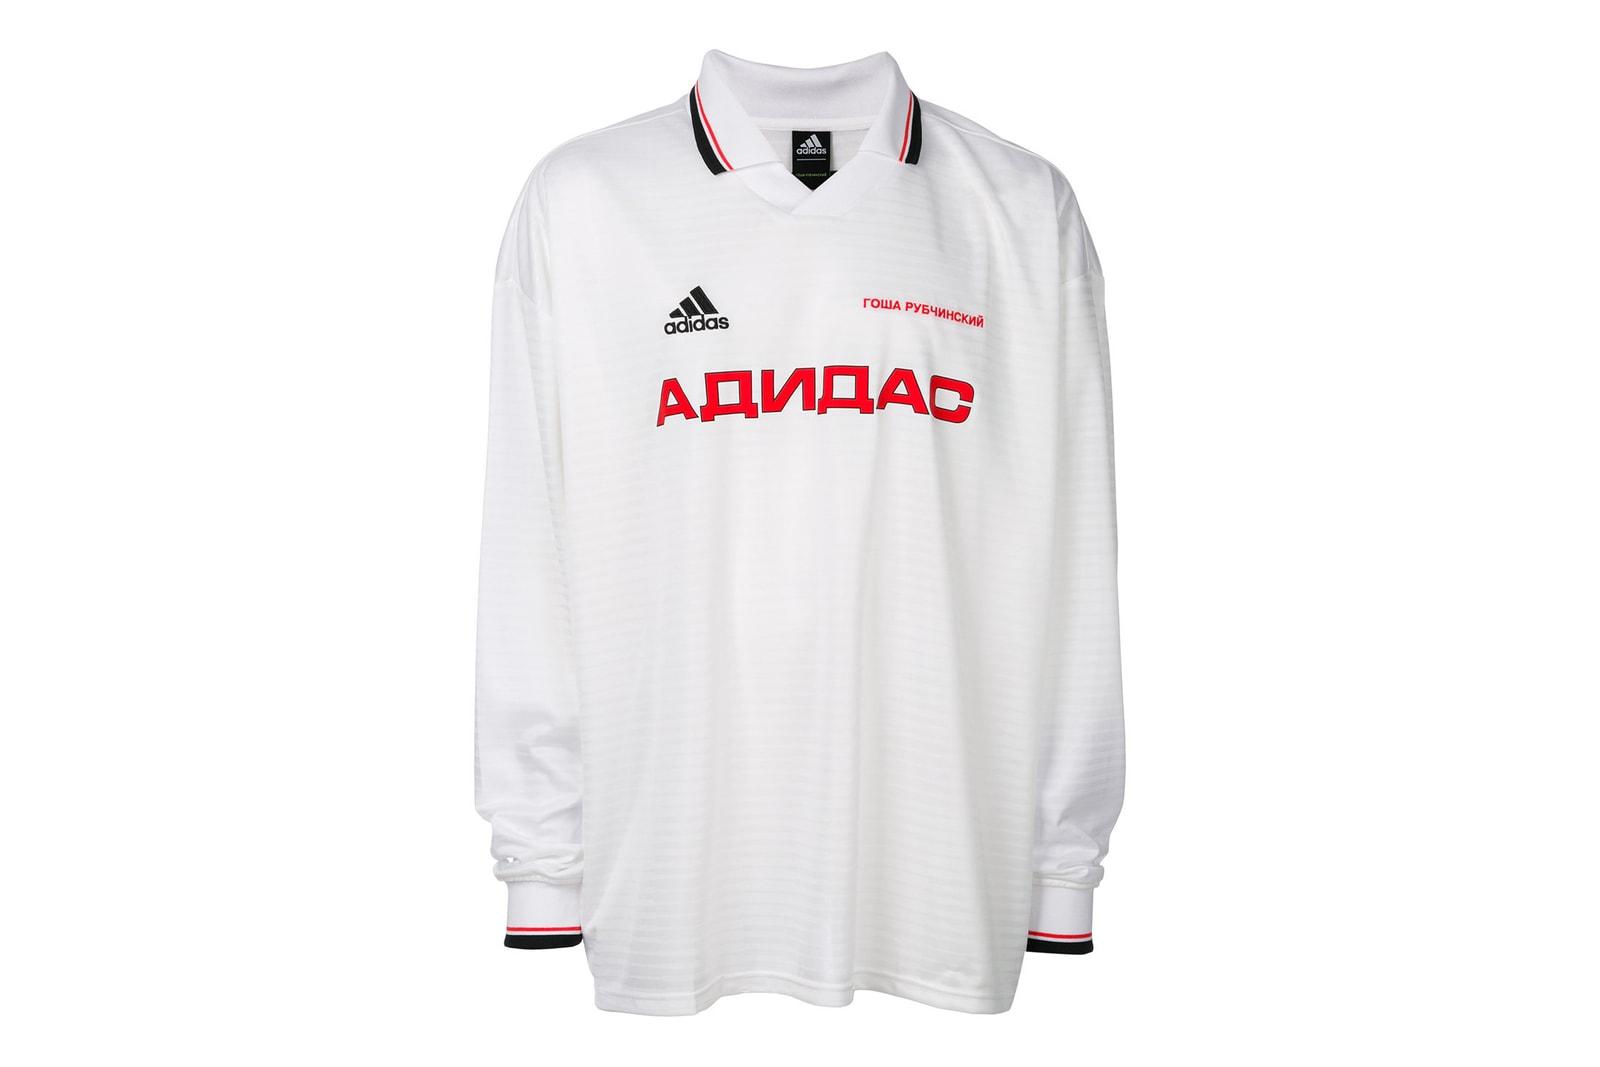 Sports Jersey Street Style Street Wear Palace Supreme Gosha Rubchinskiy Adidas Nike Kappa